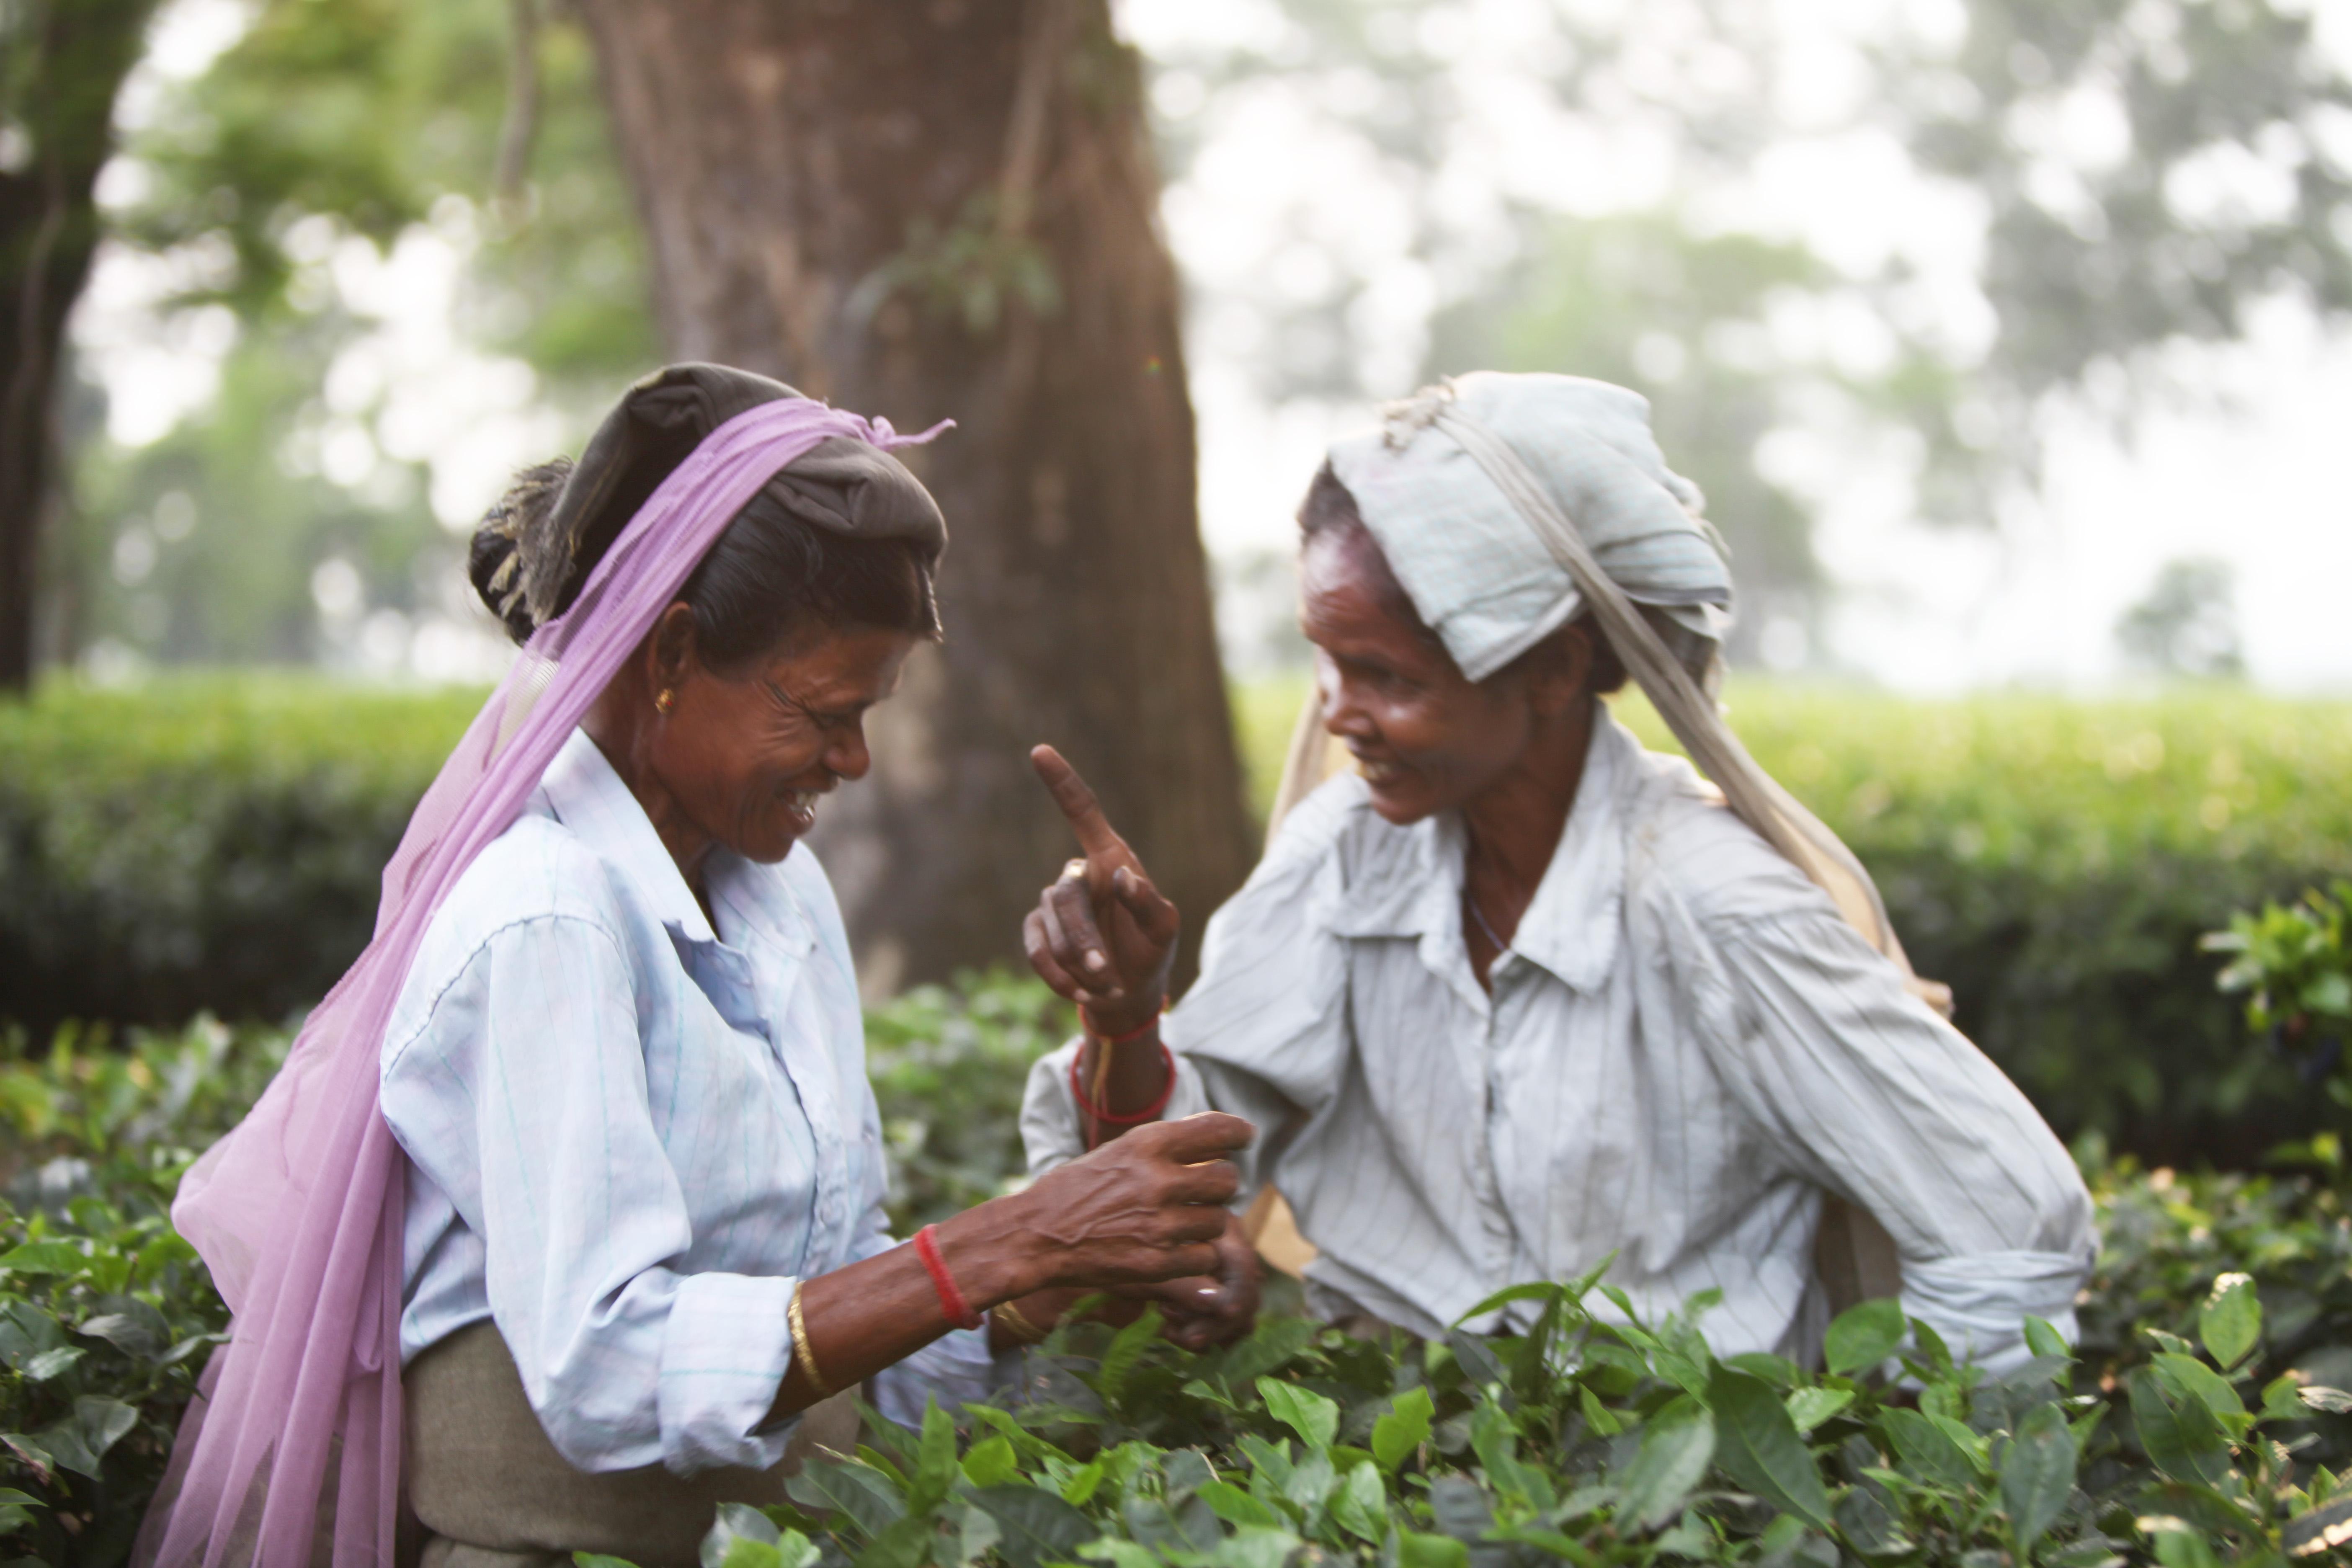 Inde sept 2012 (17)